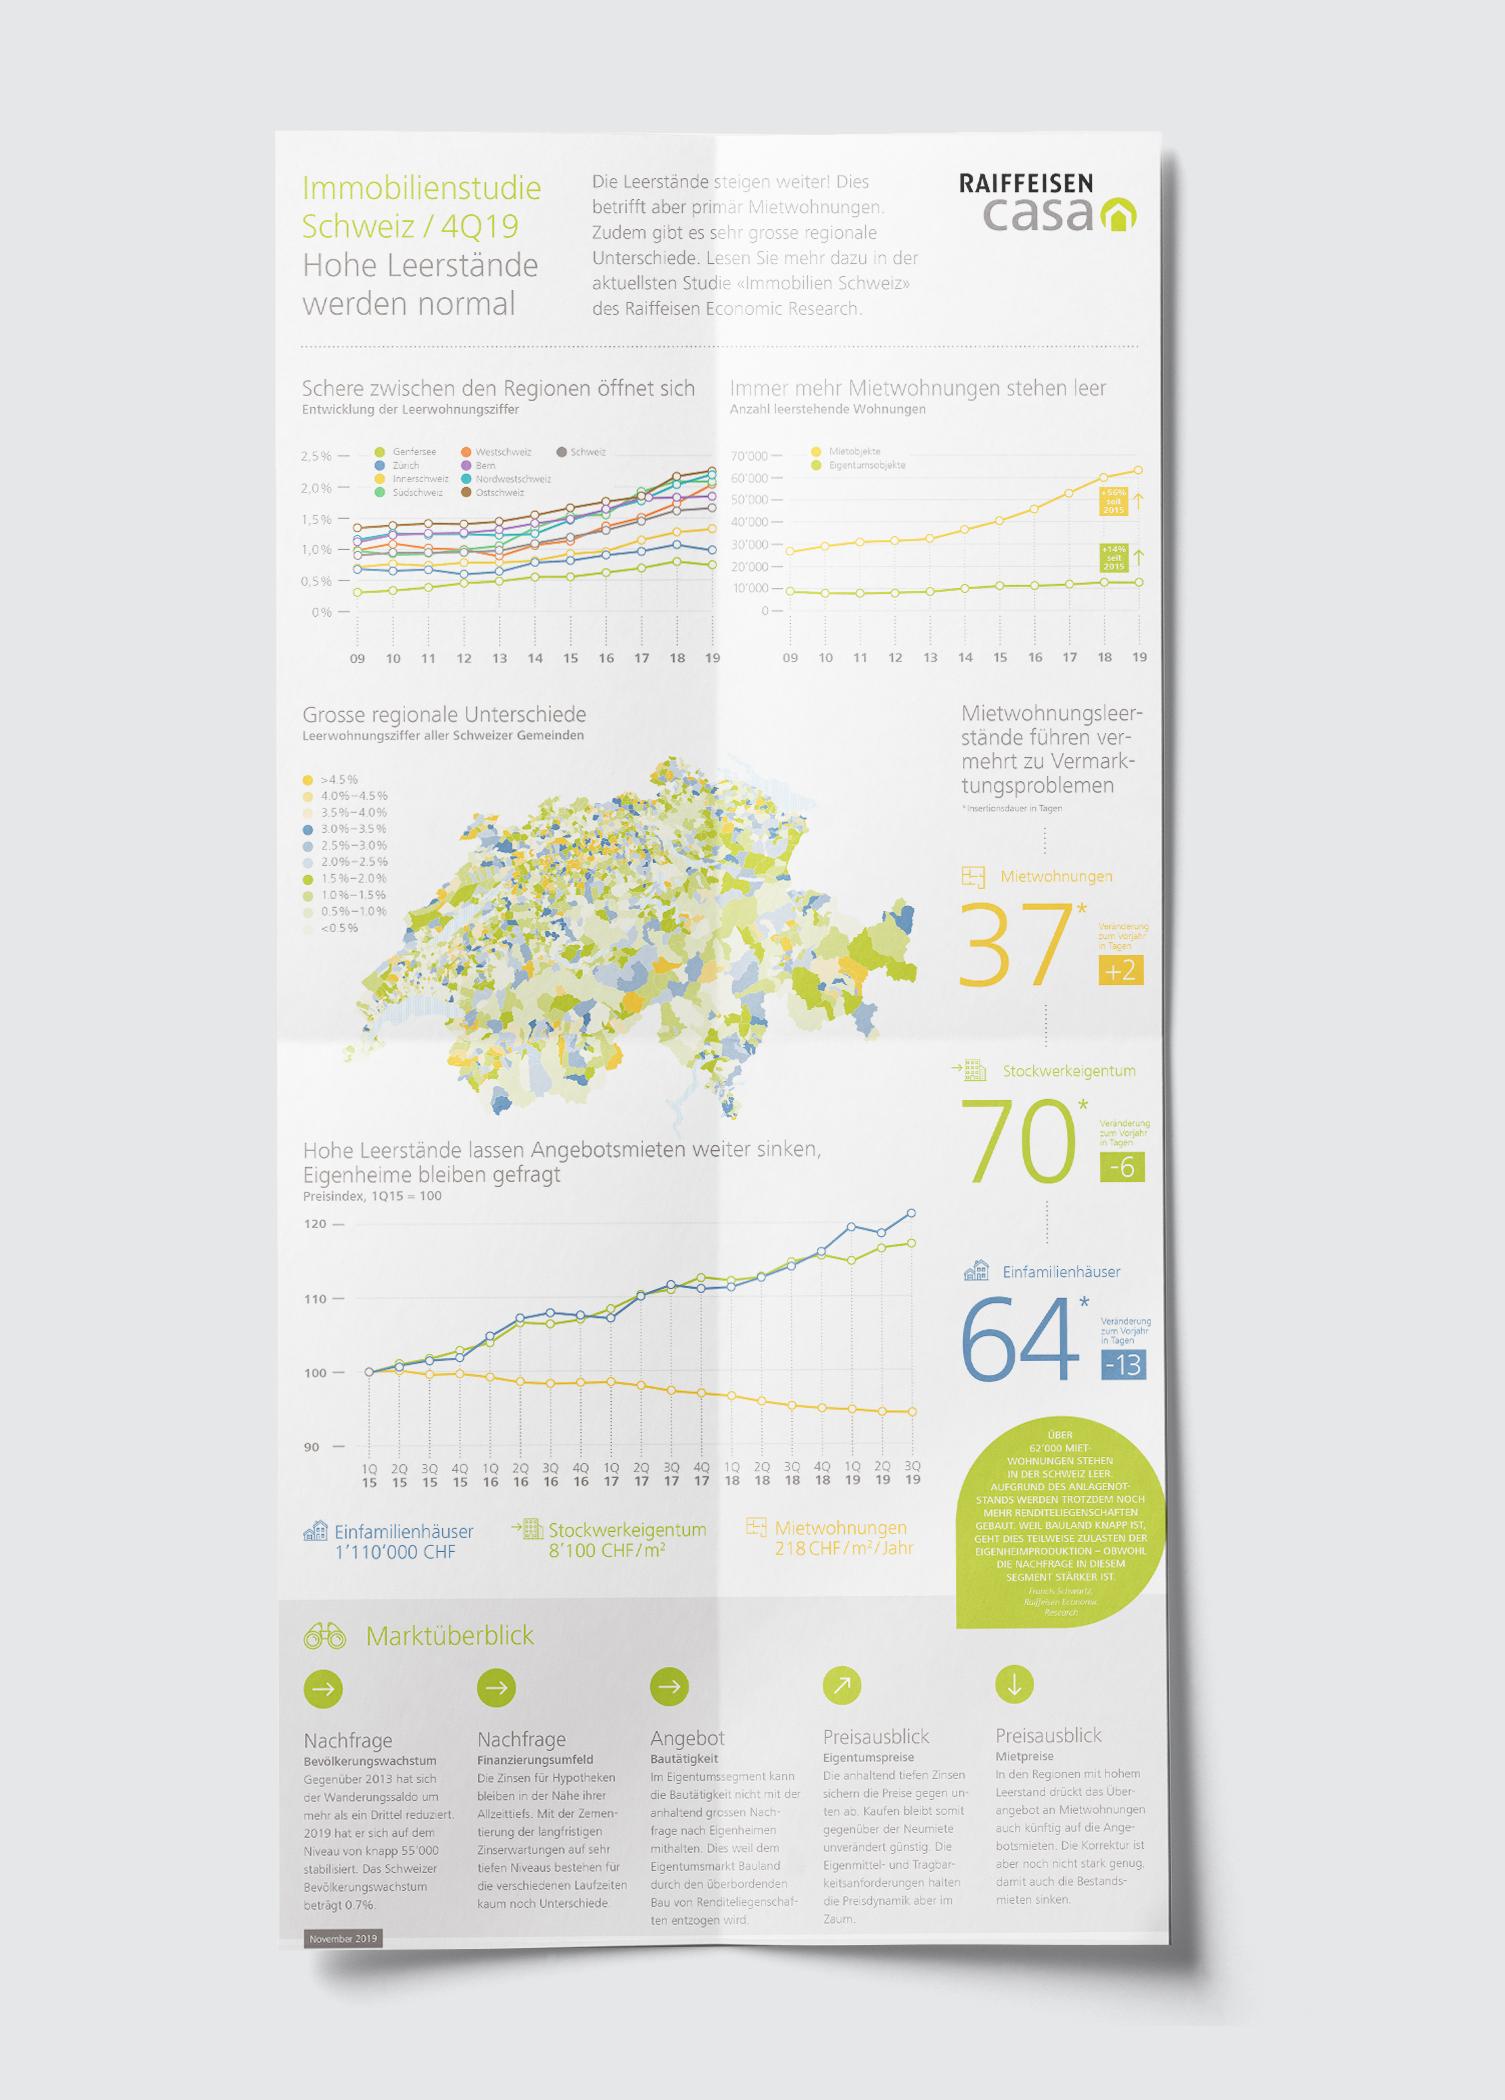 infografik Raffeisen Casa Schweiz 2